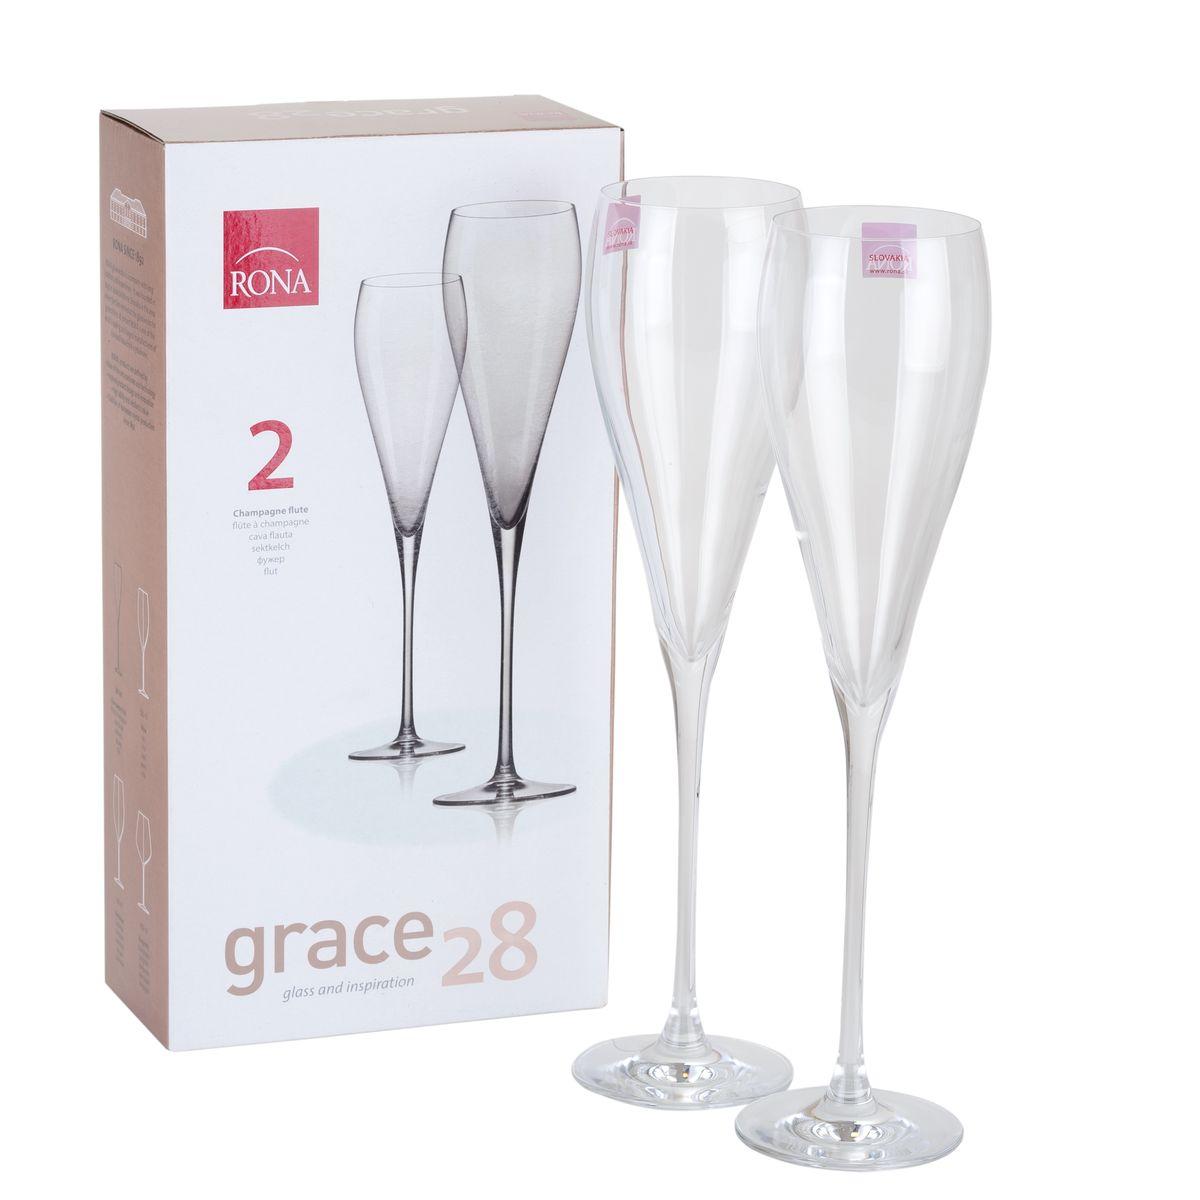 Бокал для вина упаковка 2 шт.Grace 280 мл. 6835/0/280VT-1520(SR)Бокал для вина упаковка 2 шт. GRACE 280 мл.6835/0/280